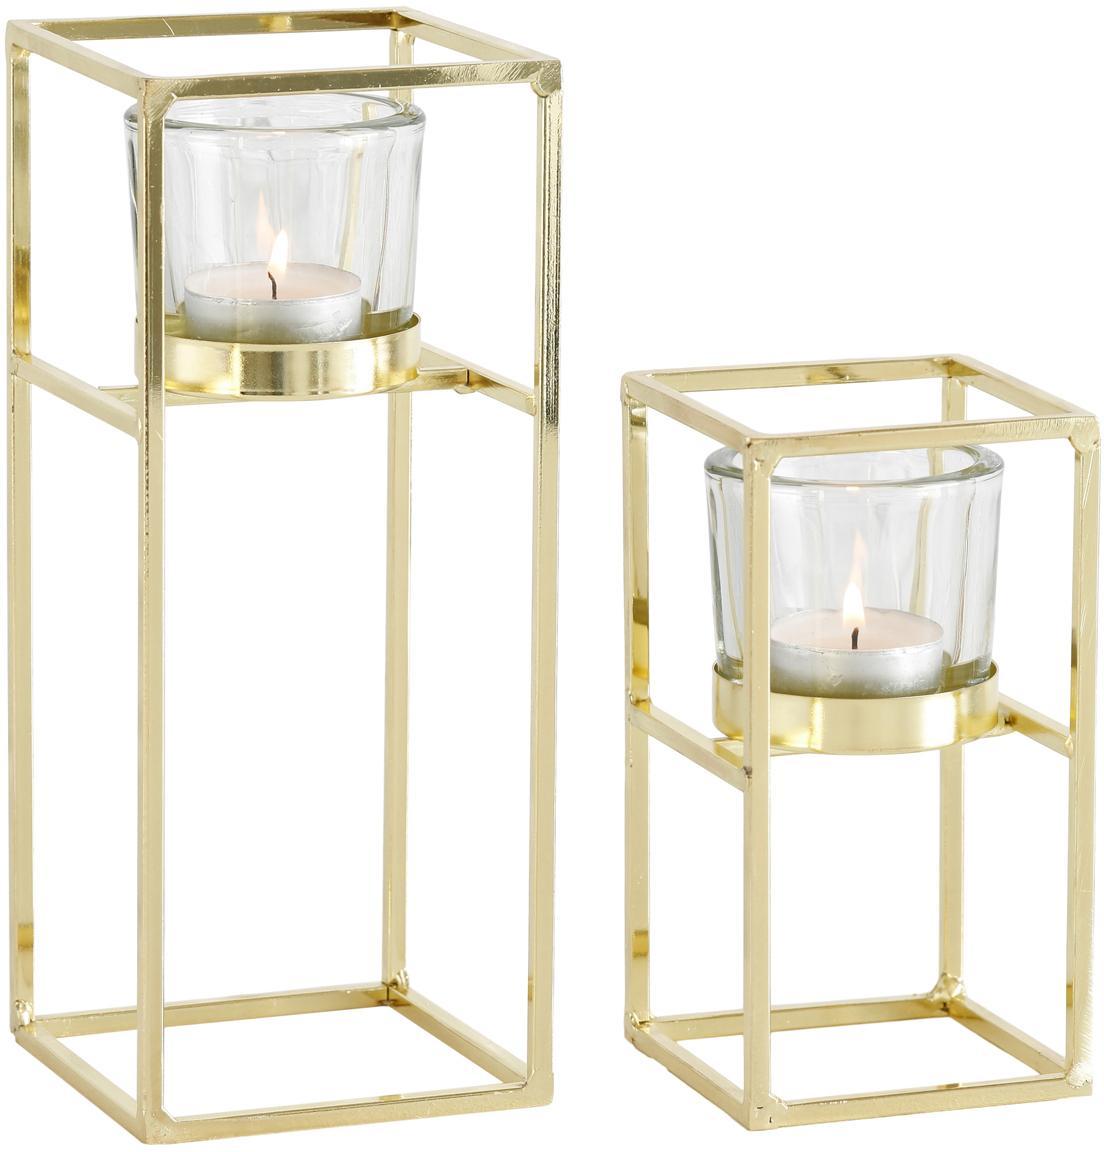 Windlichtenset Tomba, 2-delig, Windlicht: glas, Frame: gecoat metaal, Transparant, messingkleurig, Set met verschillende formaten